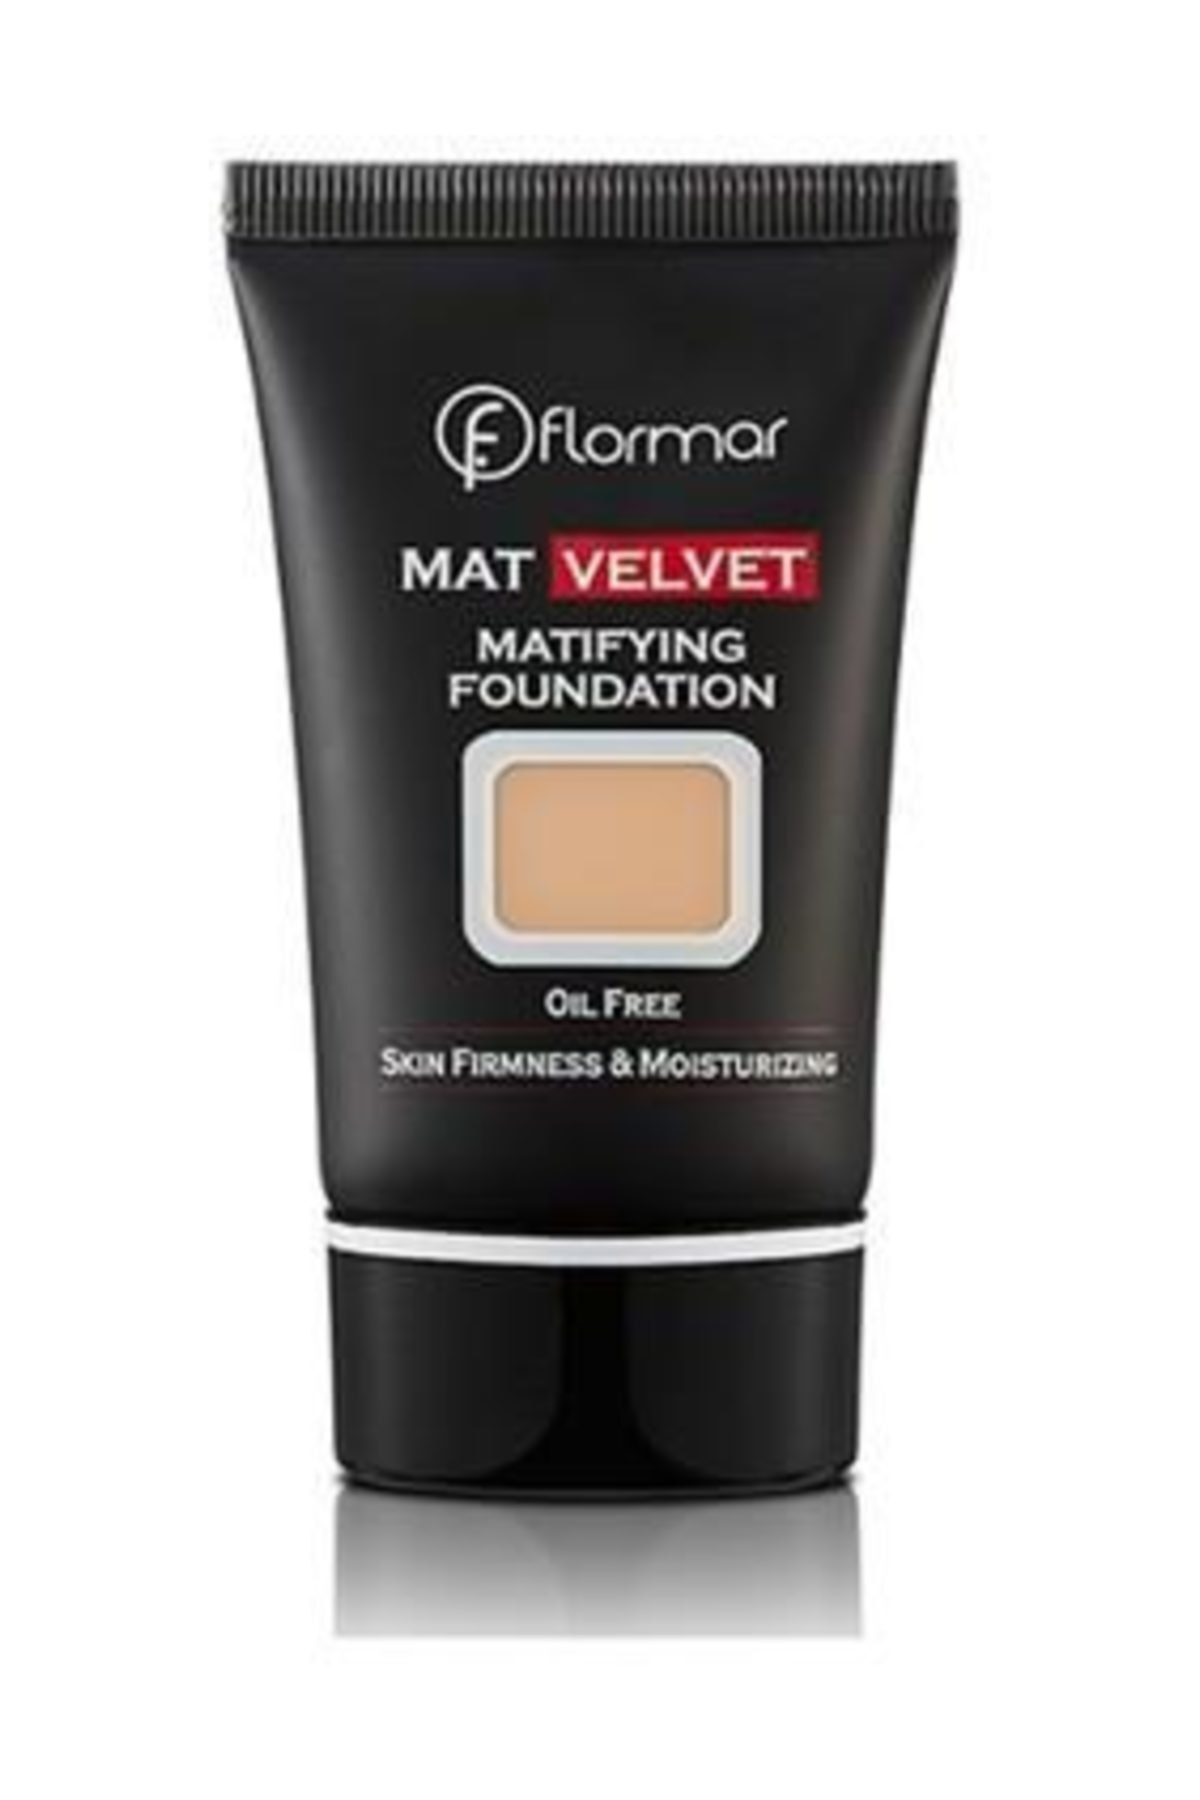 Fondöten - Mat Velvet Matifying Foundation No: 207 8690604130580